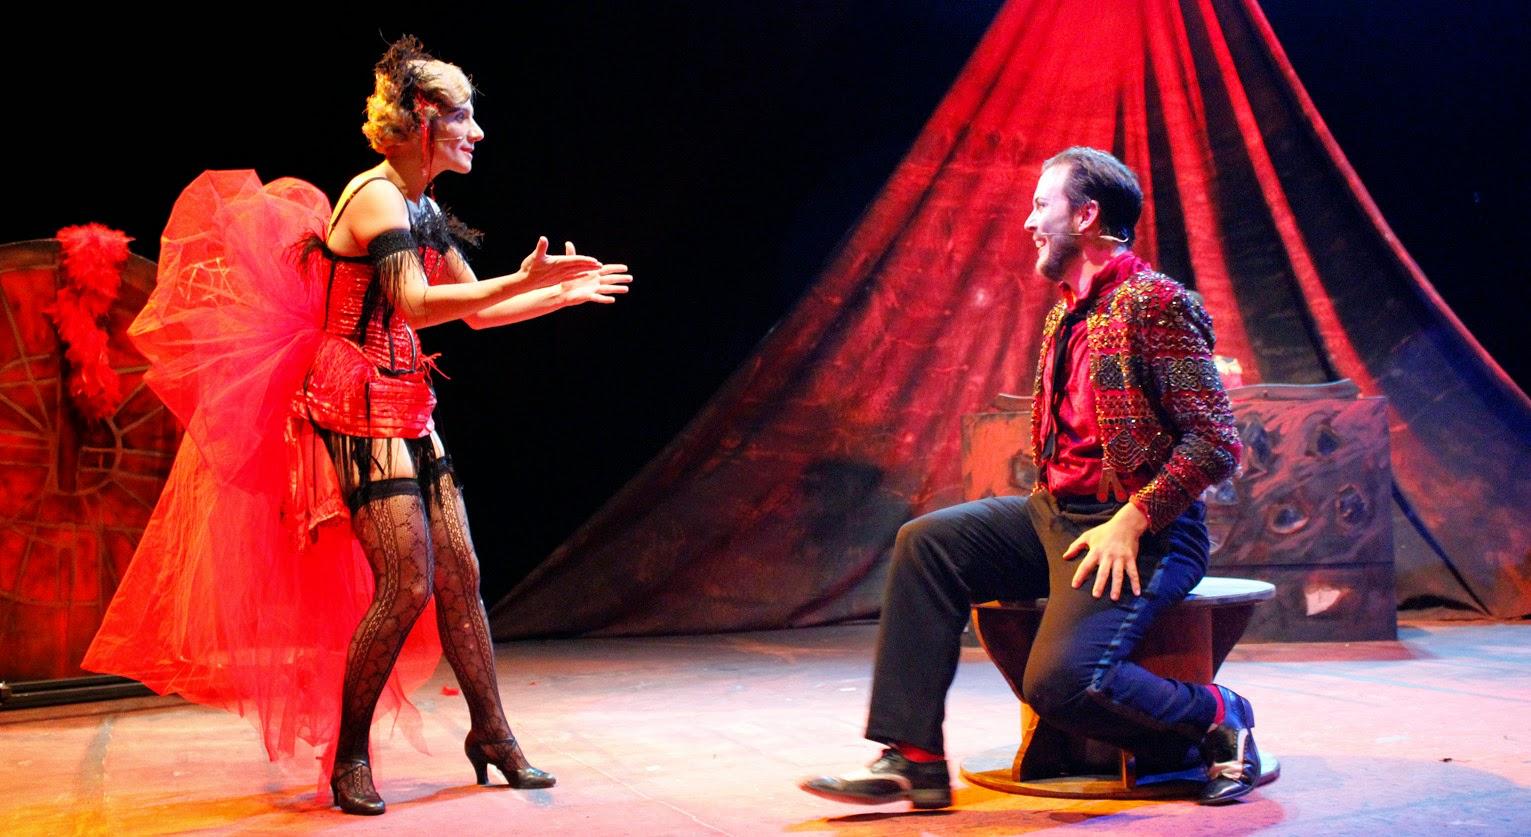 Teatro el escenario ambulante en la imperdible de sevilla for Sala imperdible